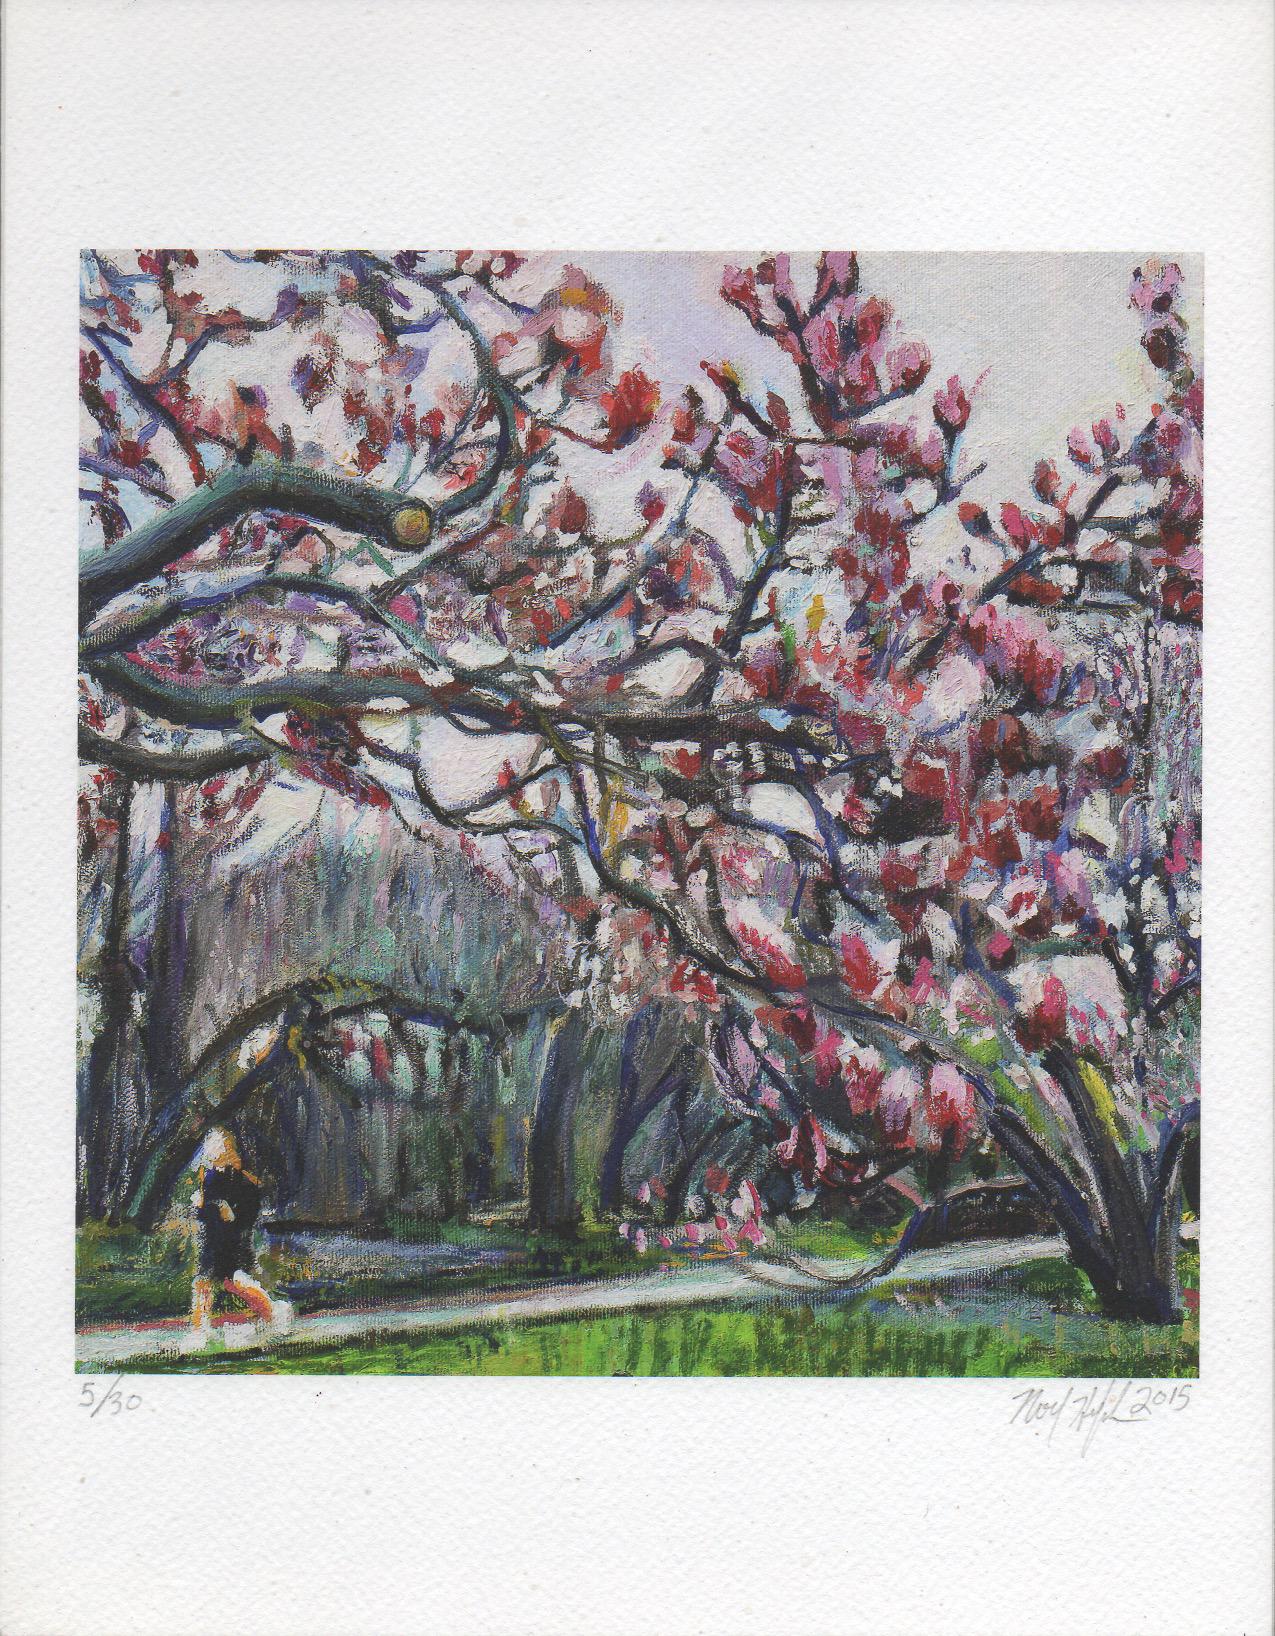 Giclee of Blossoms in Prospect Park, Noel Hefele